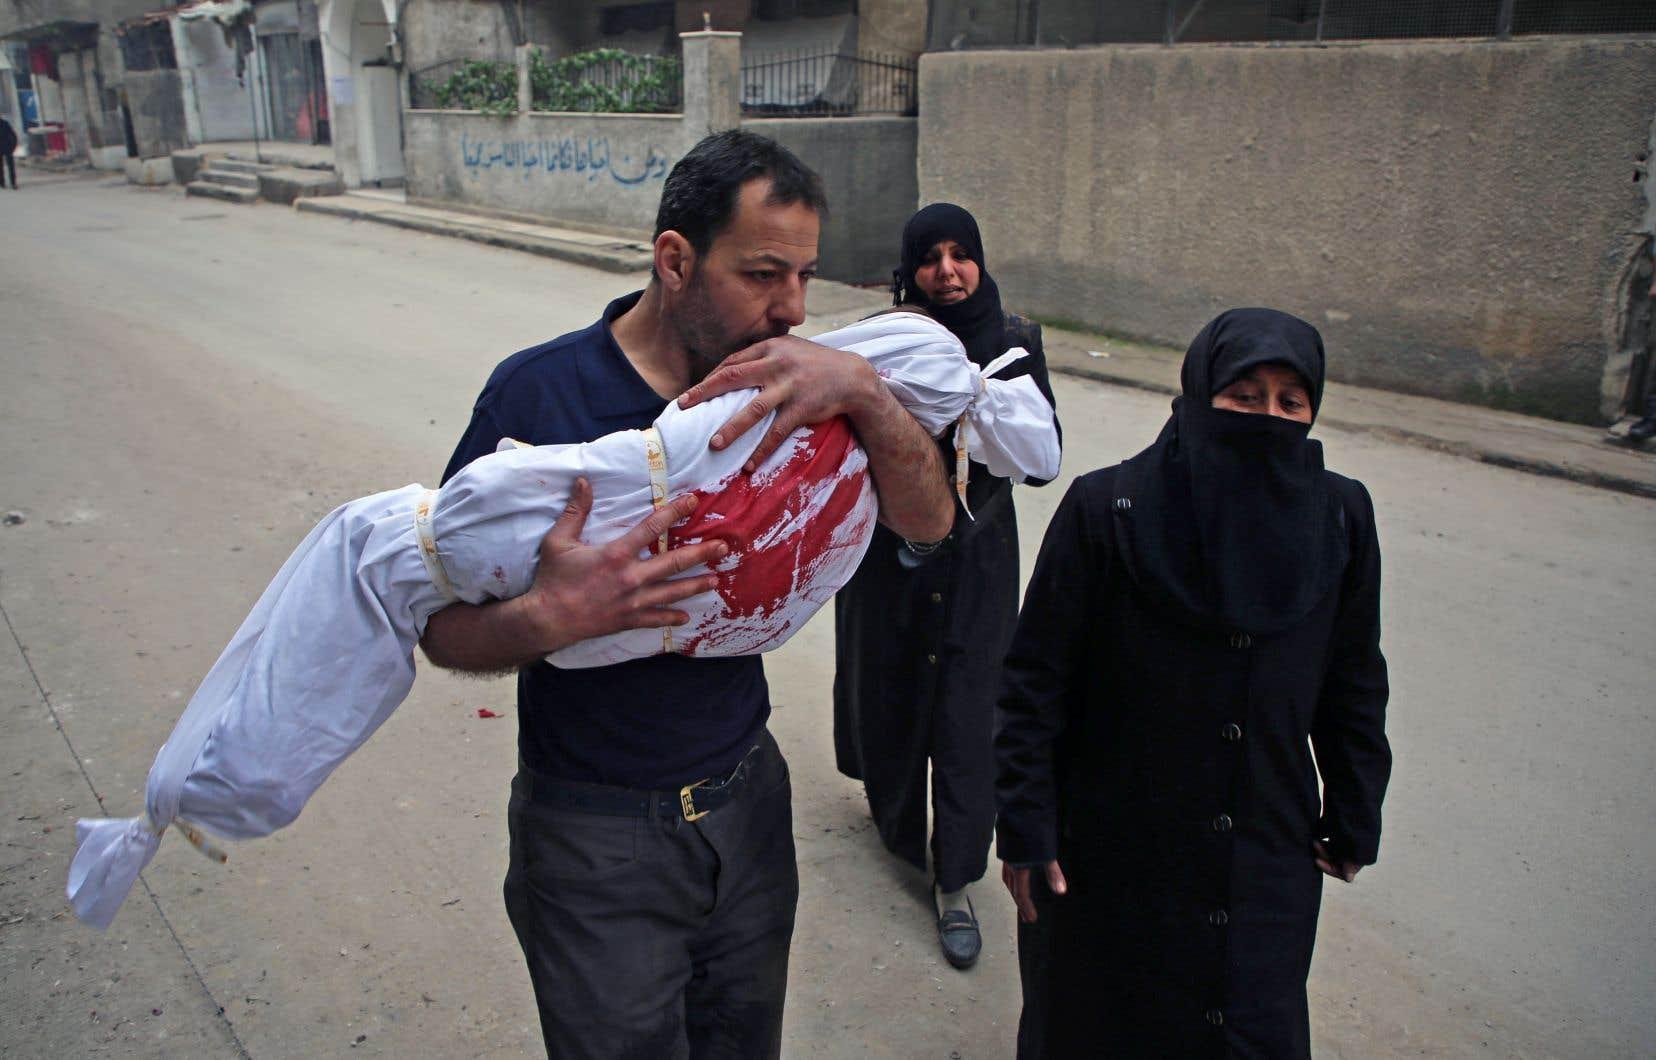 Un homme embrasse le corps de son enfant avant ses funérailles à Zamalka, près de Damas, lundi, à la suite d'un raid aérien.